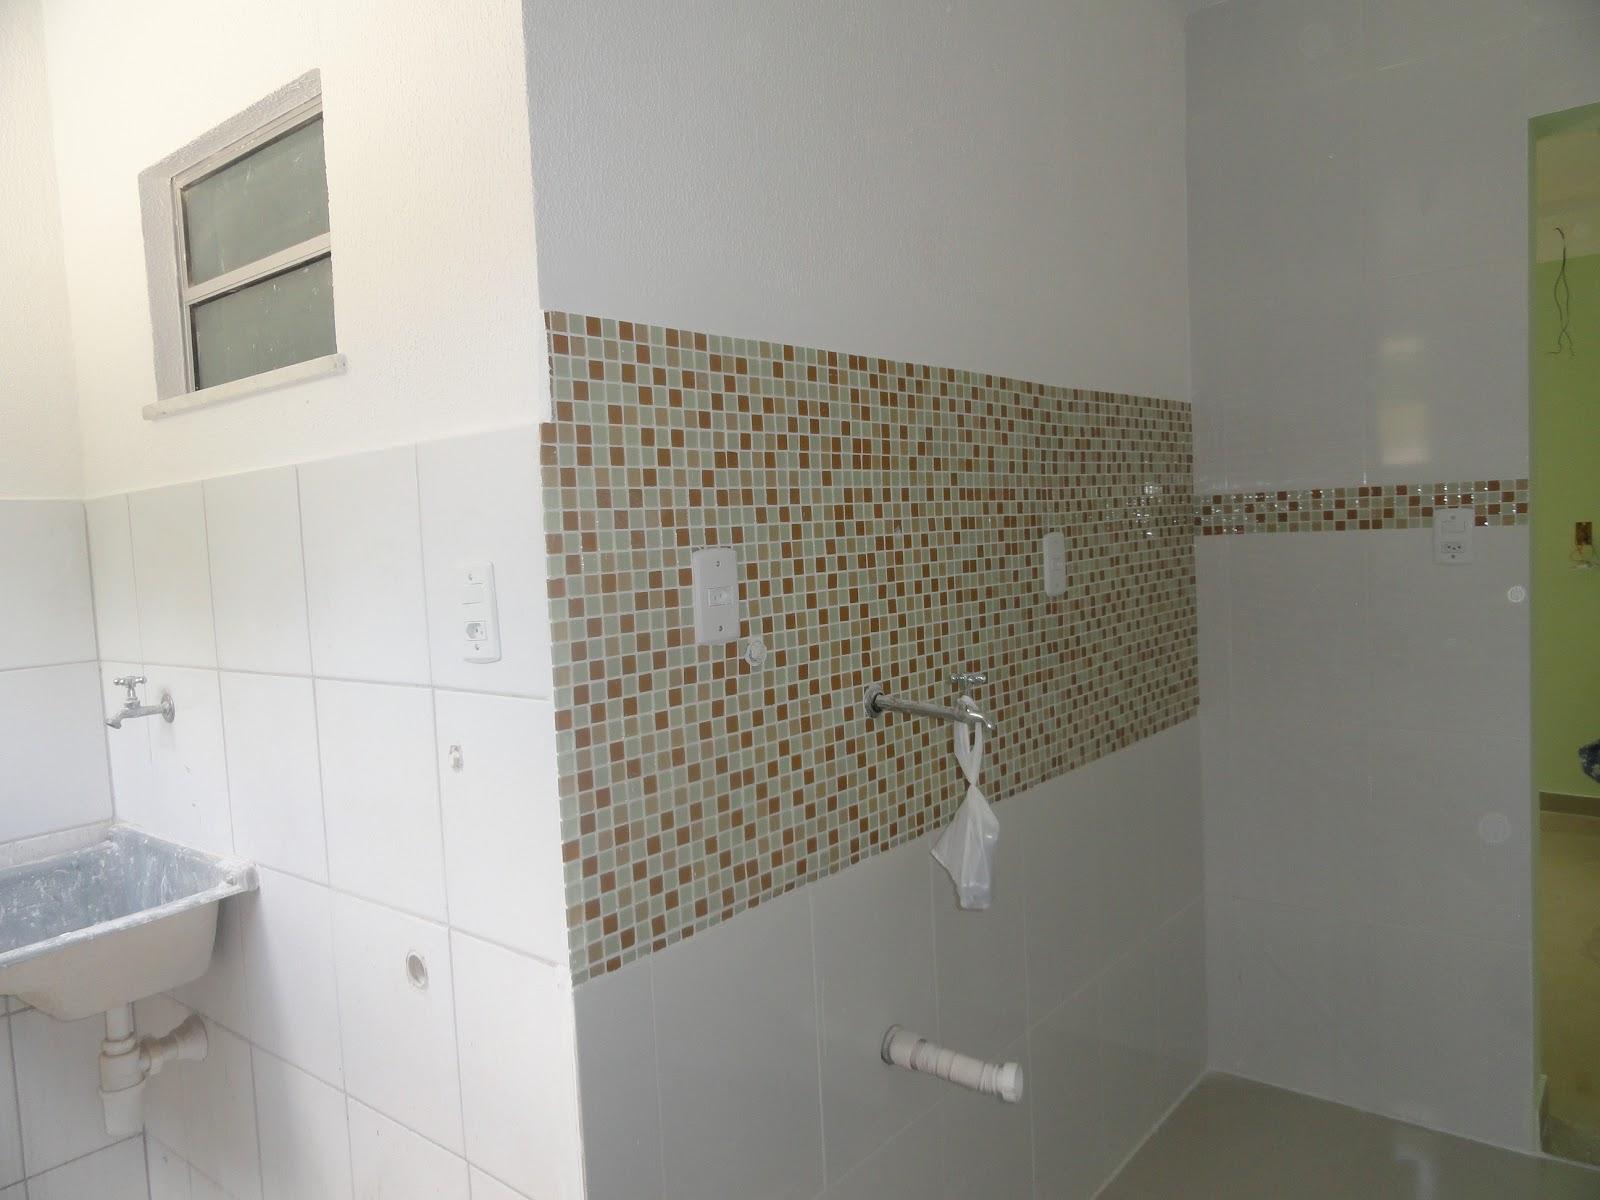 BANHEIRO SÓ ESPERANDO: CHOVEIRO ILUMINAÇÃO VASO PIA E BOX #5D4C34 1600x1200 Banheiro Container Bahia